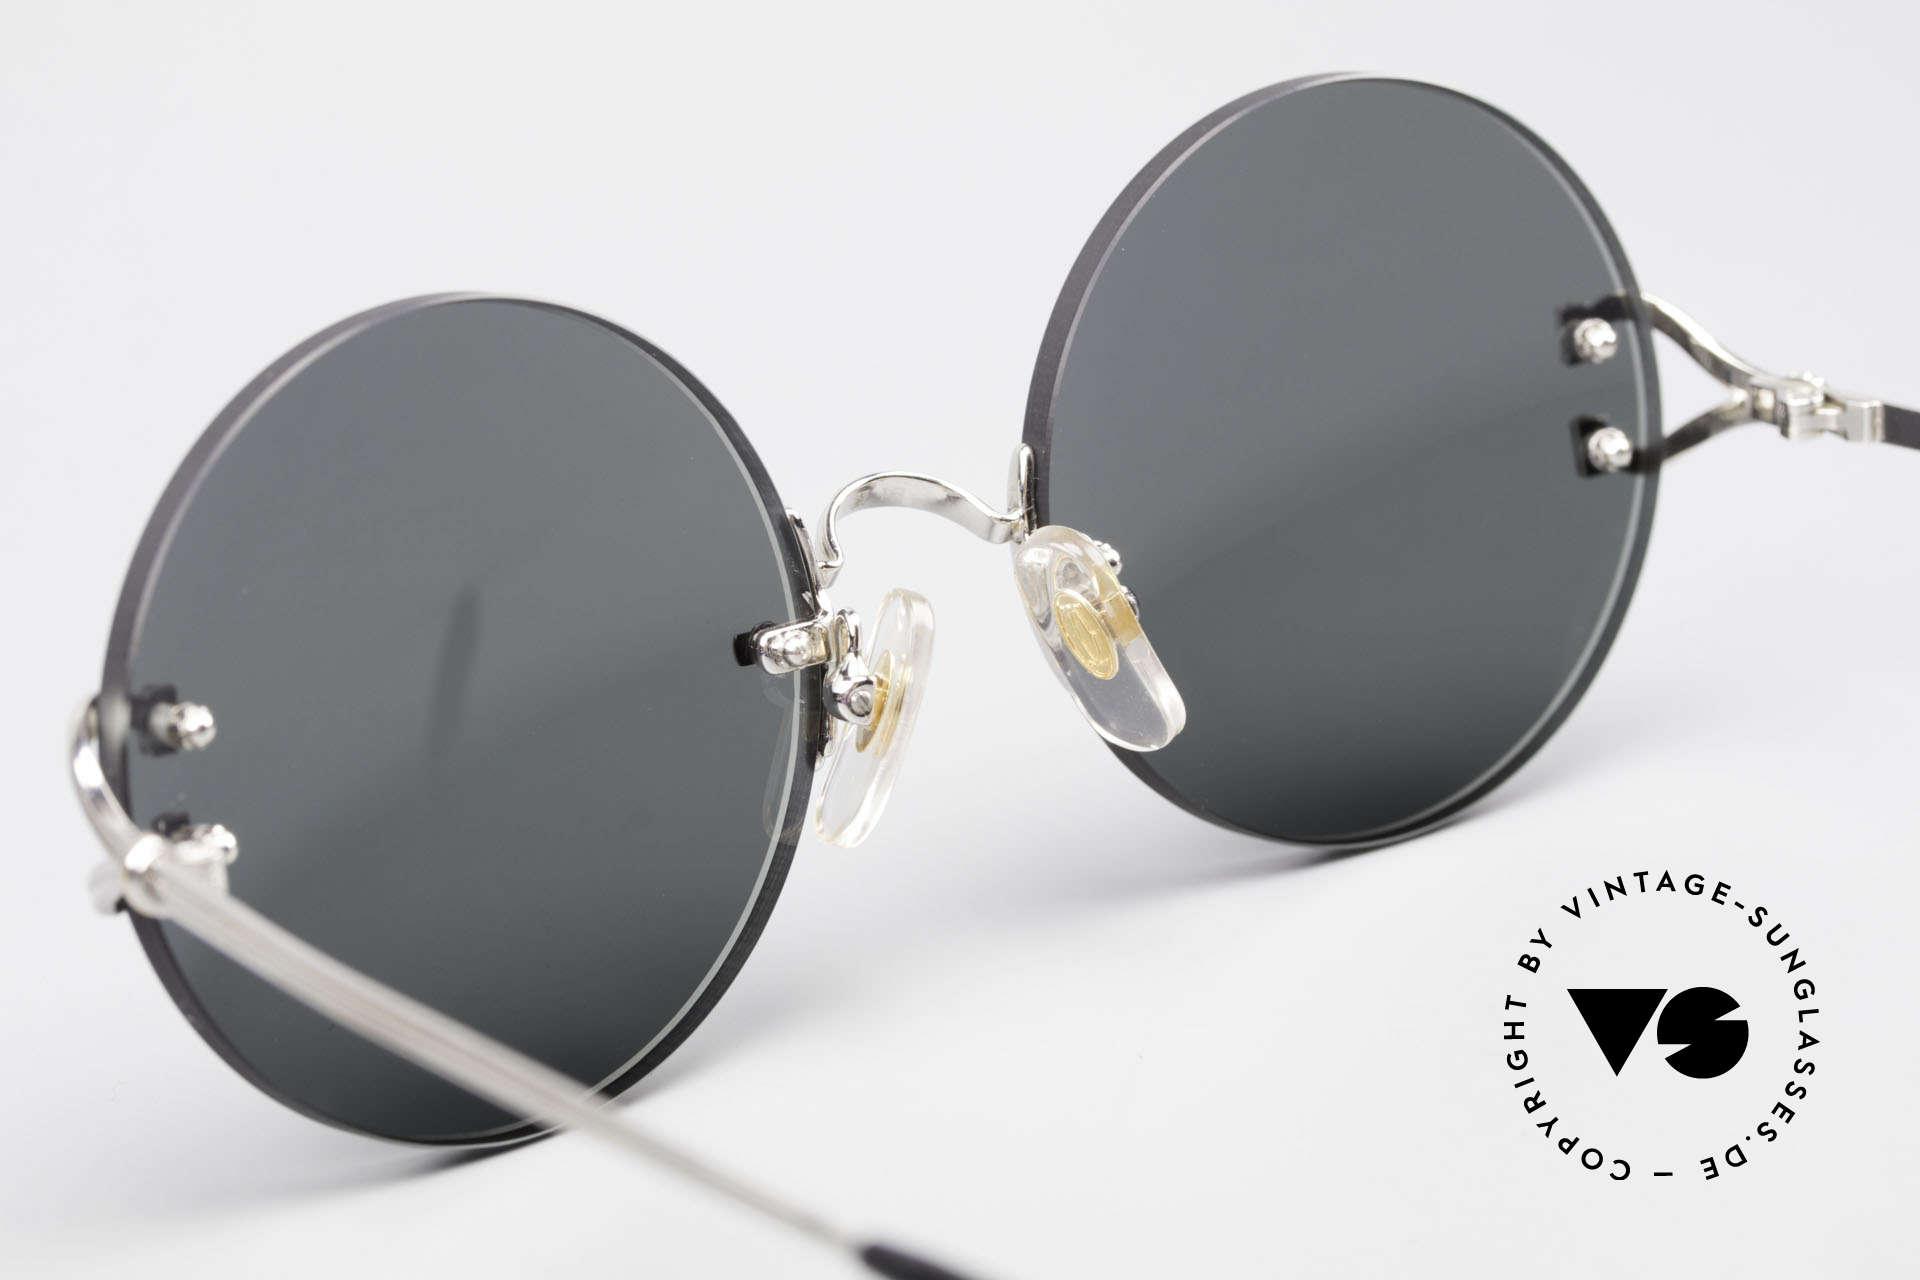 Cartier Madison Small Round Rimless Shades, NO RETRO sunglasses, but a rare old Cartier original, Made for Men and Women